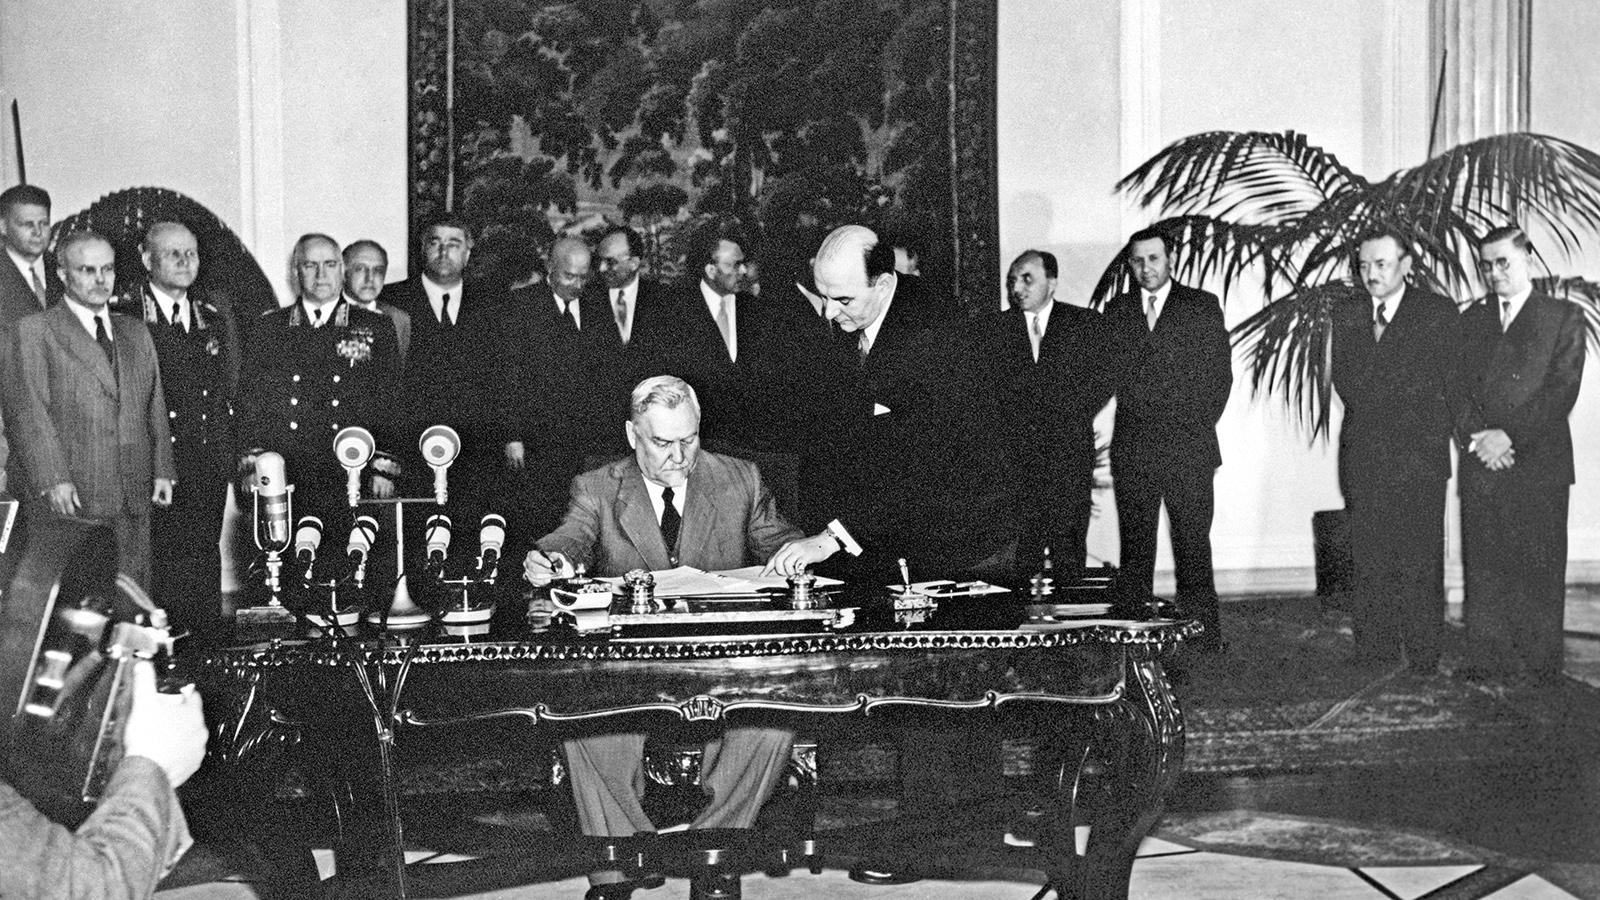 В мае 1955 года, в ответ на присоединение к НАТО ФРГ, создается Организация Варшавского договора (Варшавский Договор, официально оформивший создание военного союза европейских социалистических государств – при ведущей роли СССР). Таким образом, на десятилетия фактически закреплялась двуполярность мира. Подписанный 14 мая, Договор вступил в силу 5 июня 1955 года. «Известия» сообщили о событии непосредственно в день заключения этого стратегически важного соглашения, которое состоялось в помещении Государственного совета Польской Народной Республики.